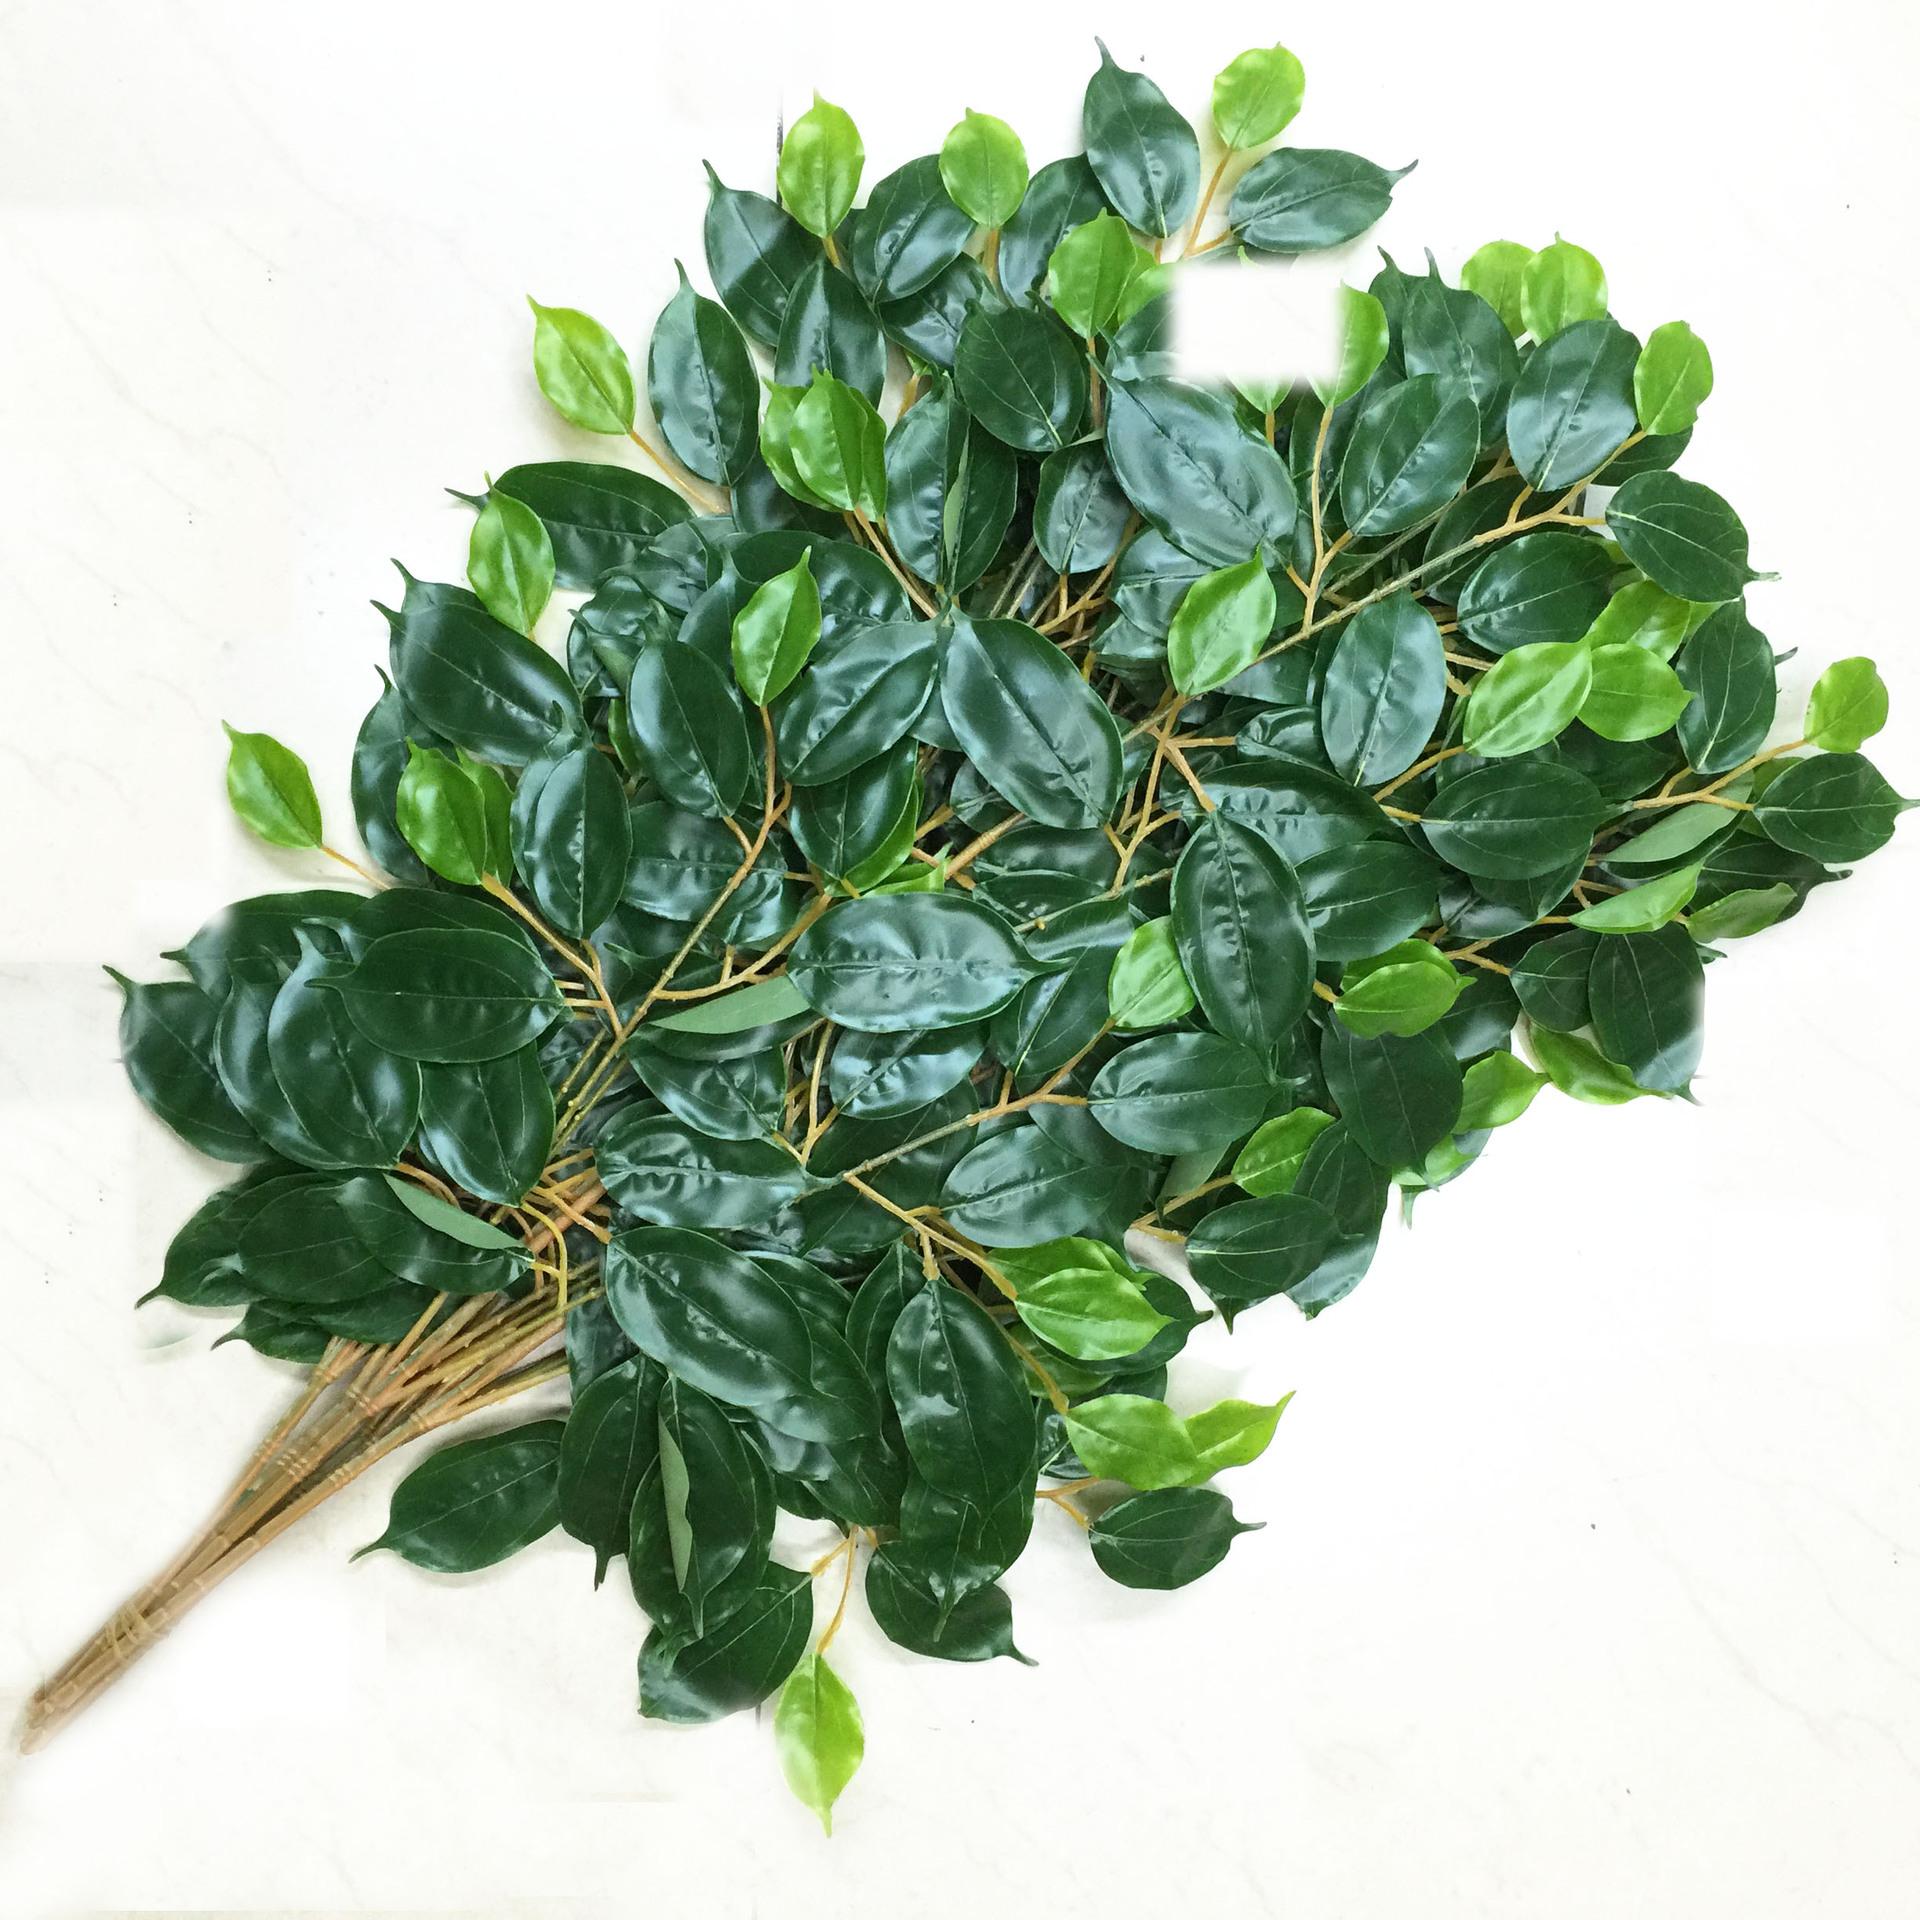 高达花厂仿真樟树叶叶仿真香樟树叶叶子园林装饰叶子假树叶工程用图片